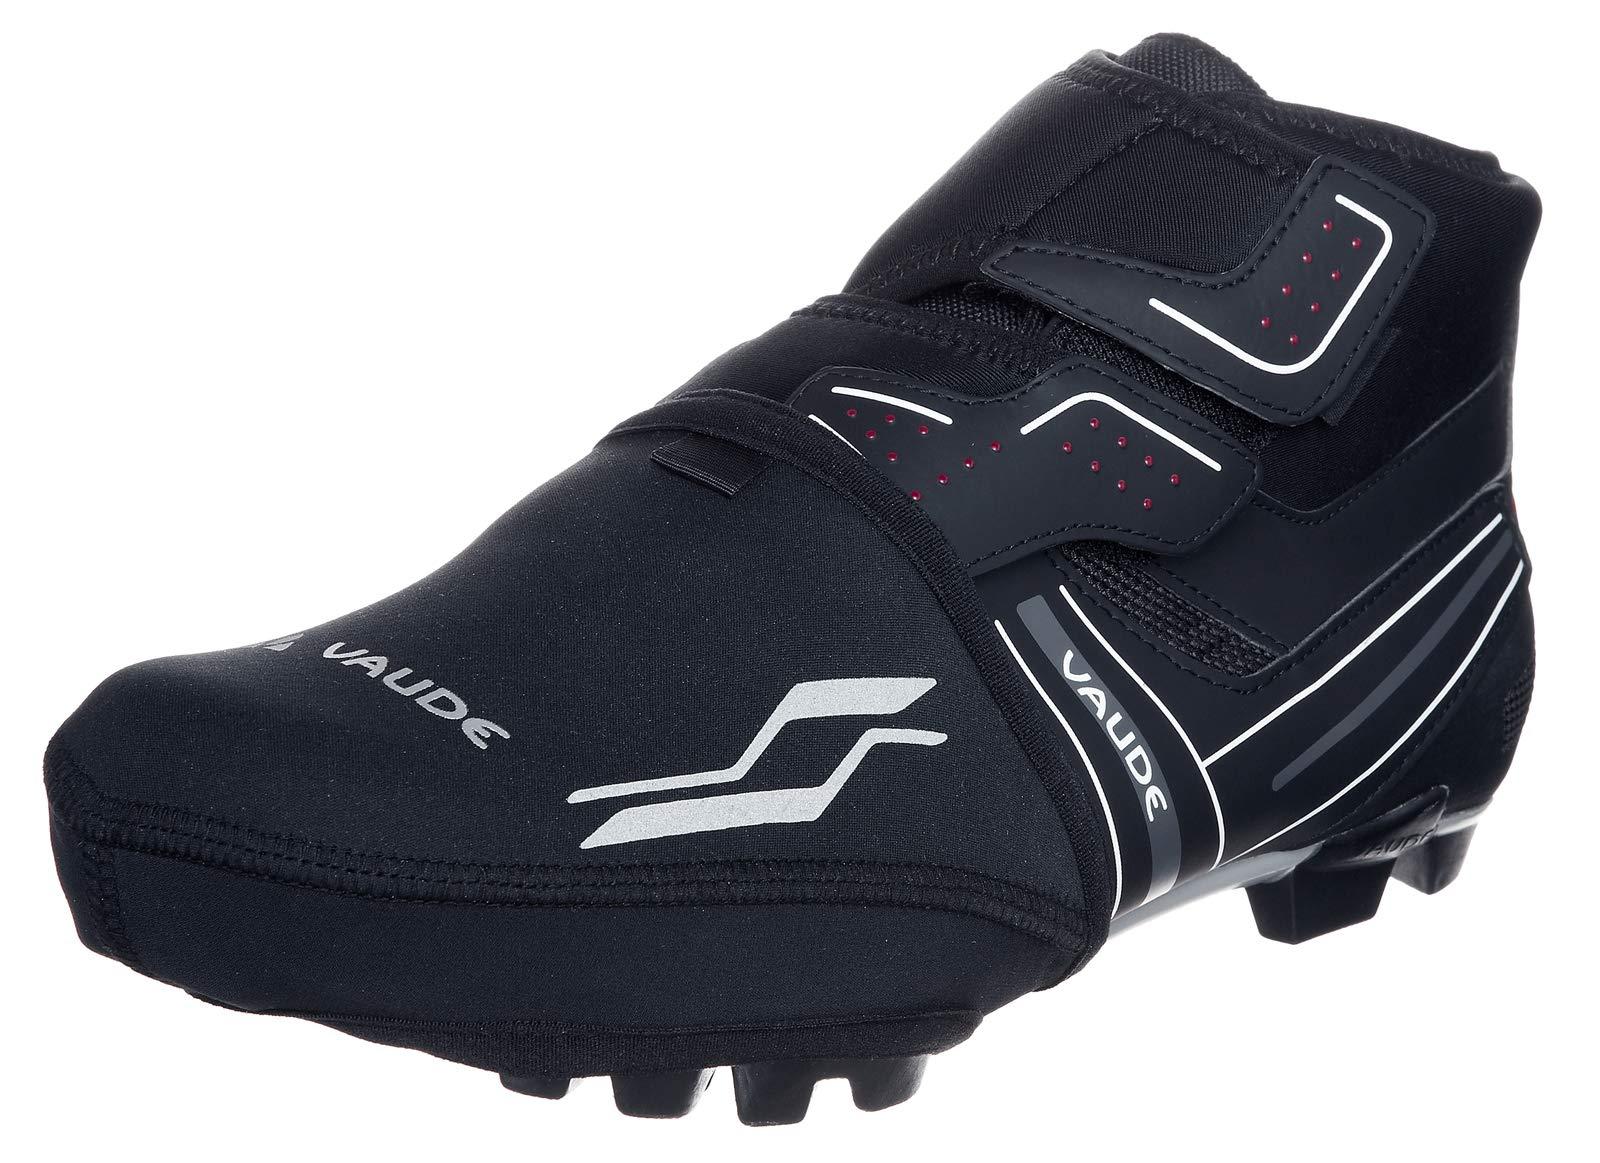 VAUDE Überschuhe Shoecap Metis II, black, 44-46, 049890100440